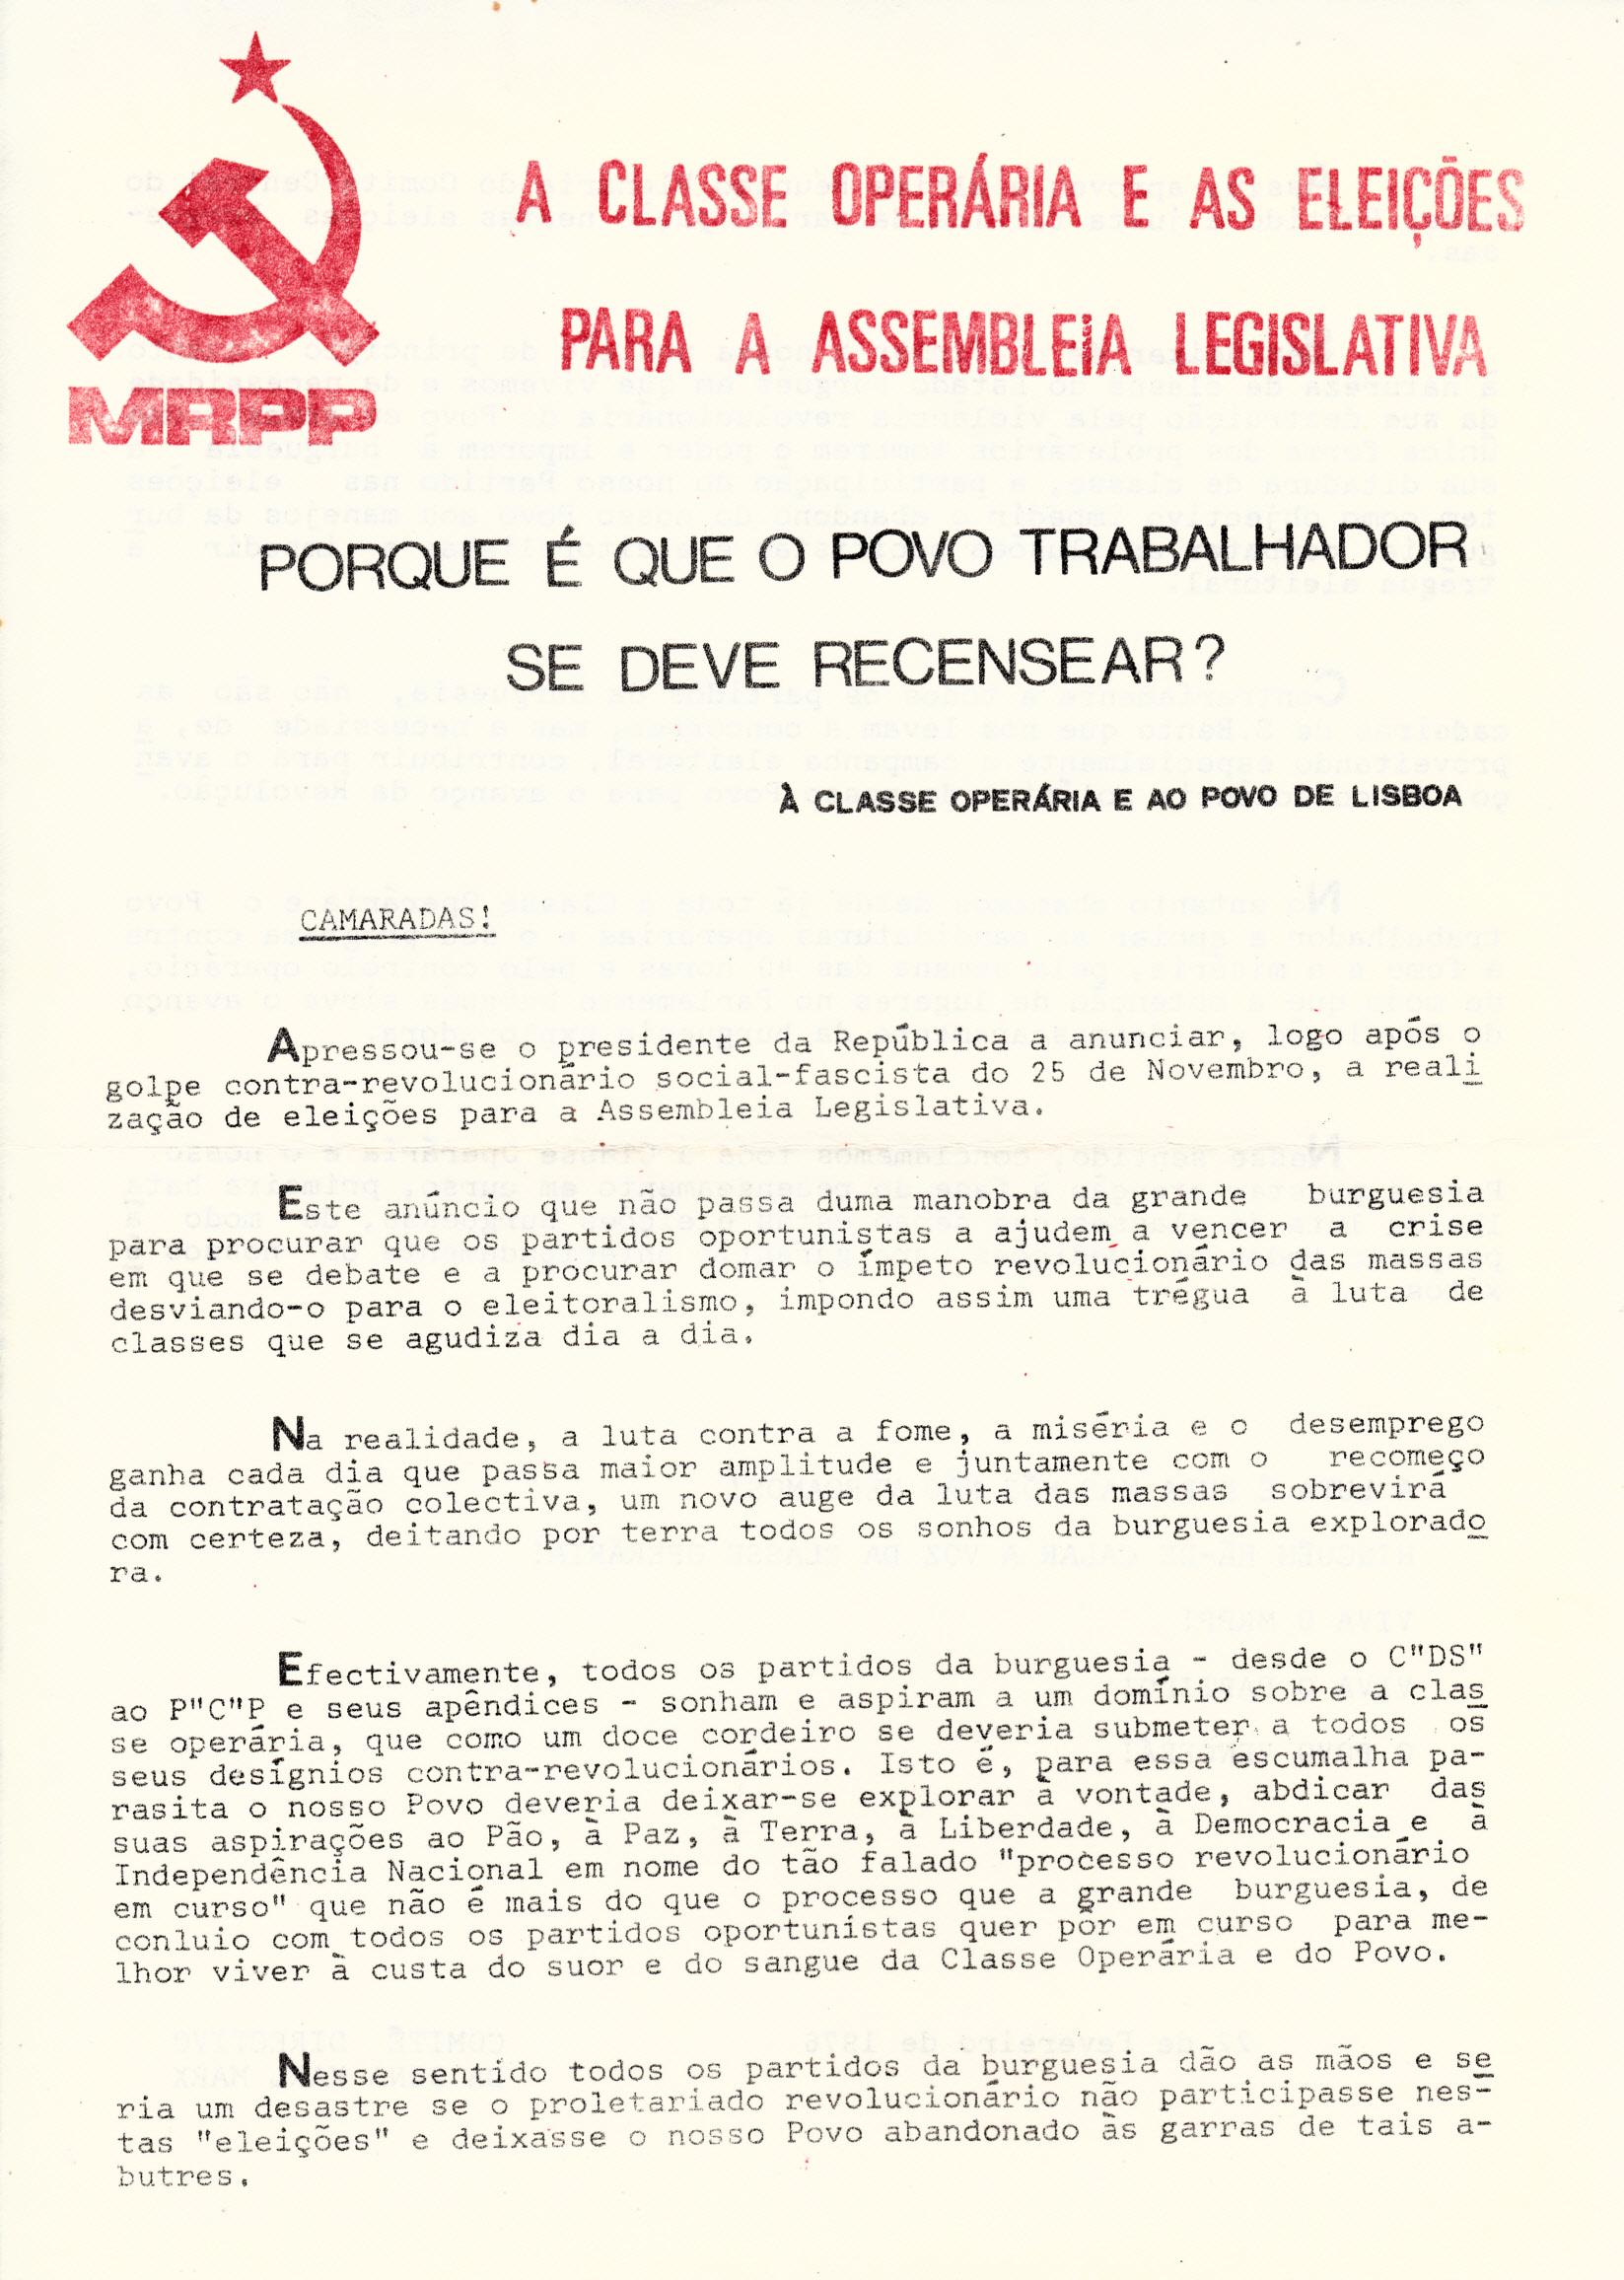 MRPP_1976_02_22_0001